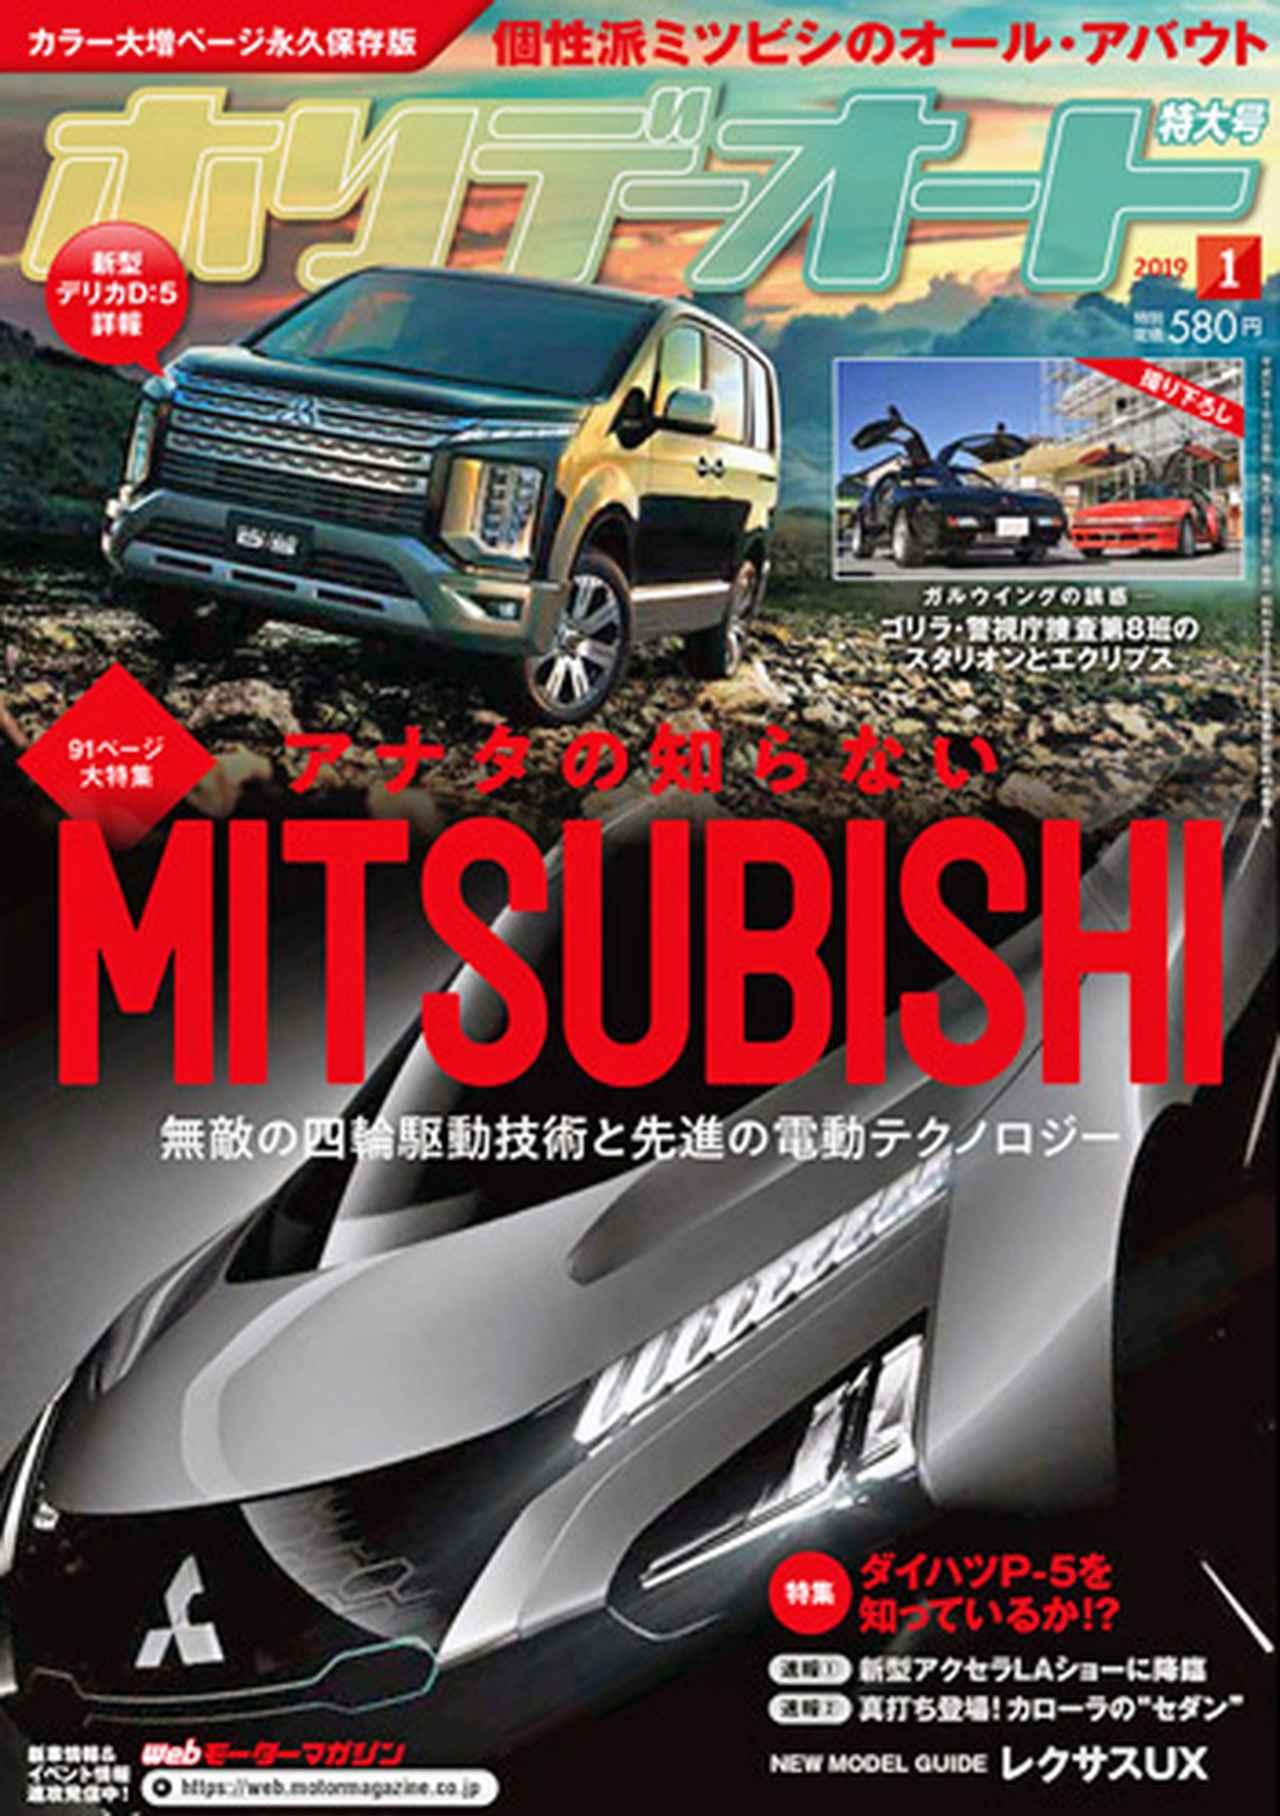 【三菱自】コンセプトカーに見る未来への巧みなアプローチ(前編)